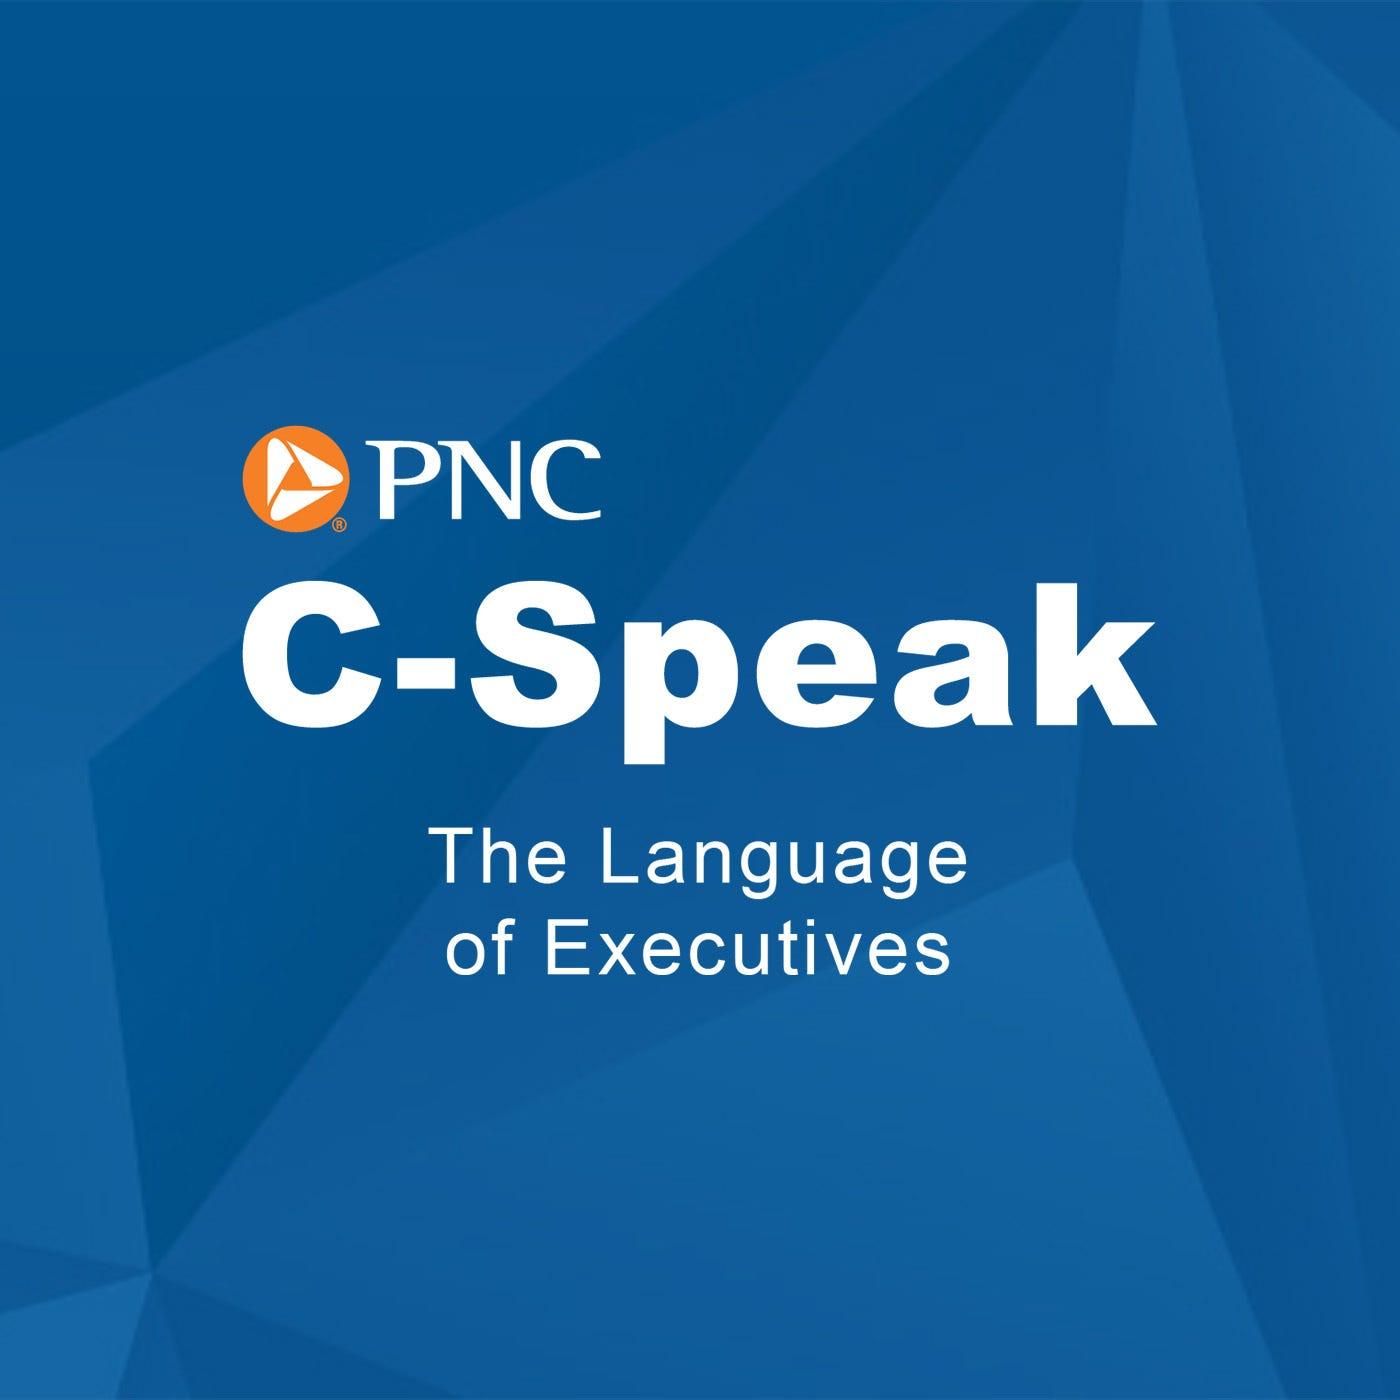 PNC C-Speak The Language of Executives